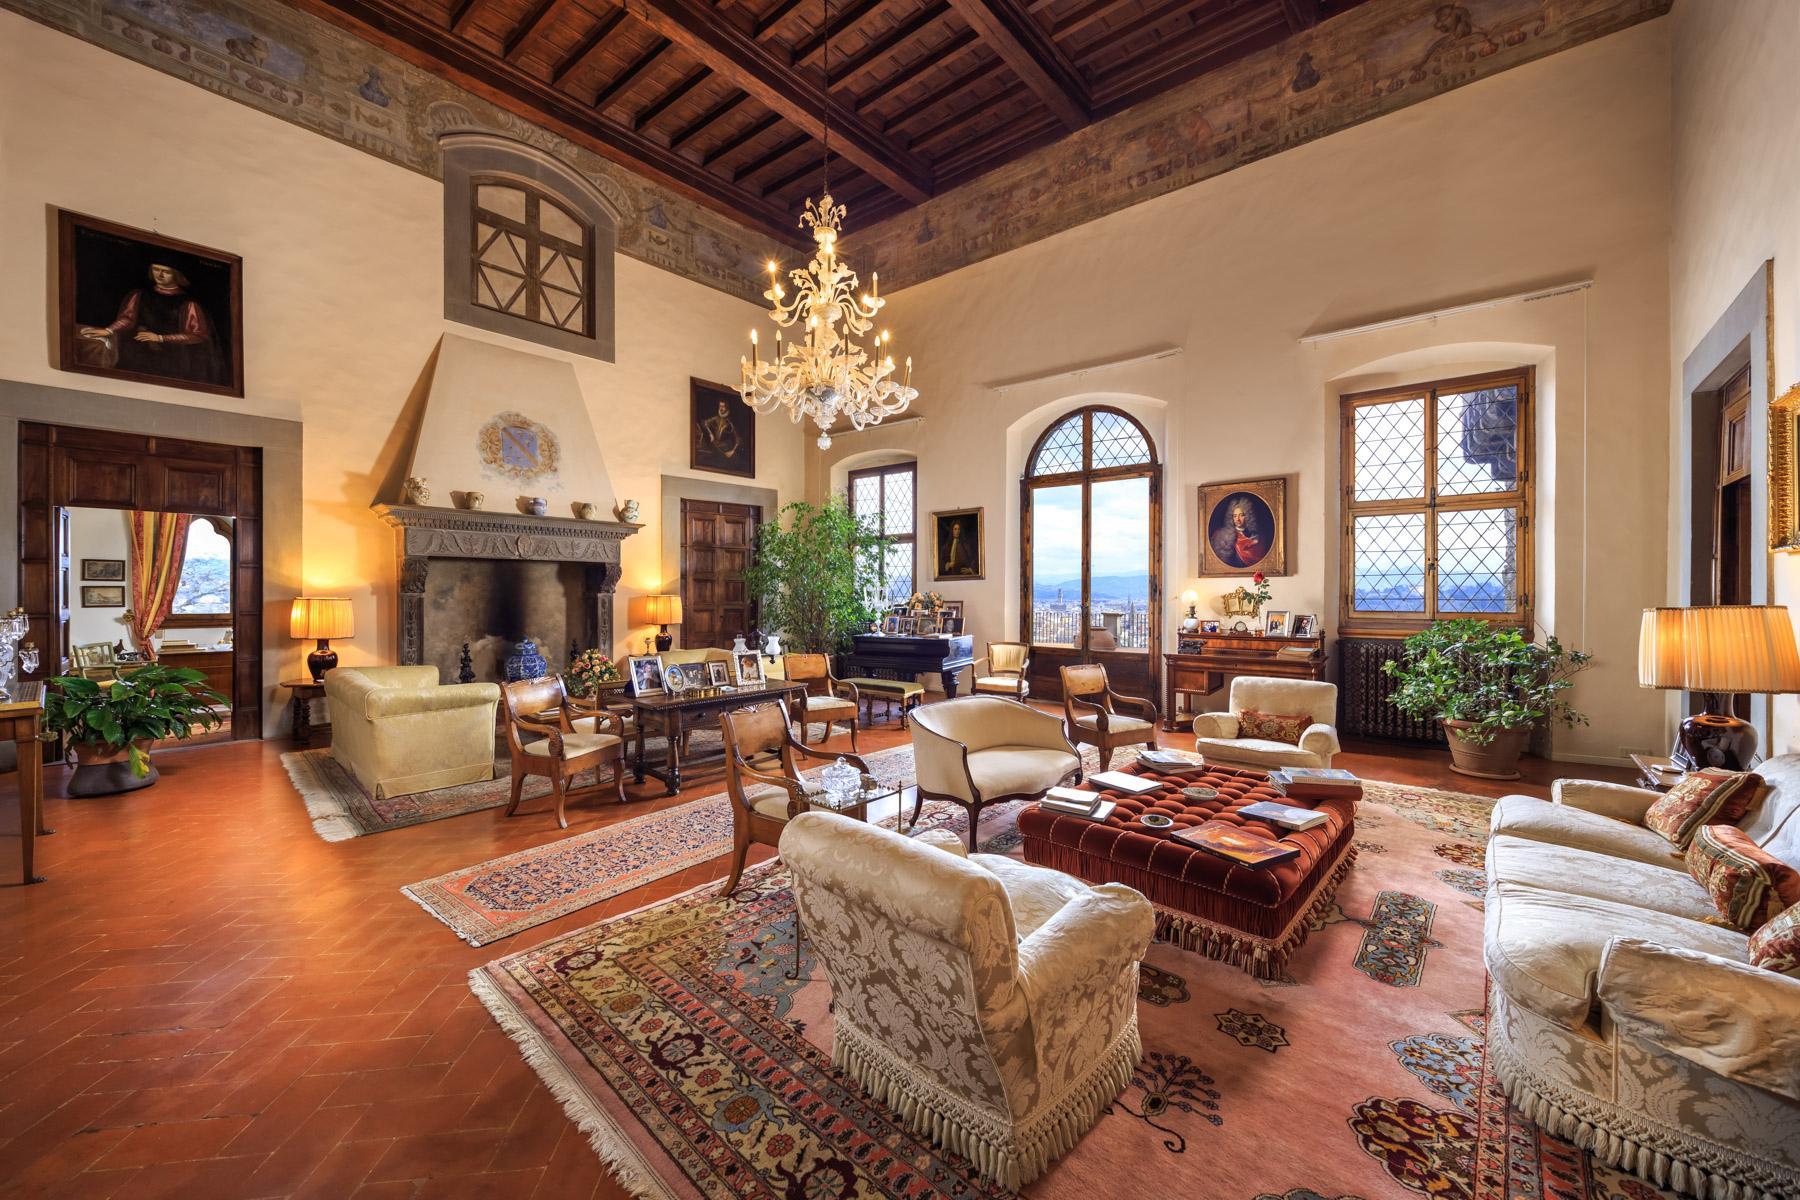 Meravigliosa proprietà con vista mozzafiato su Firenze - 3